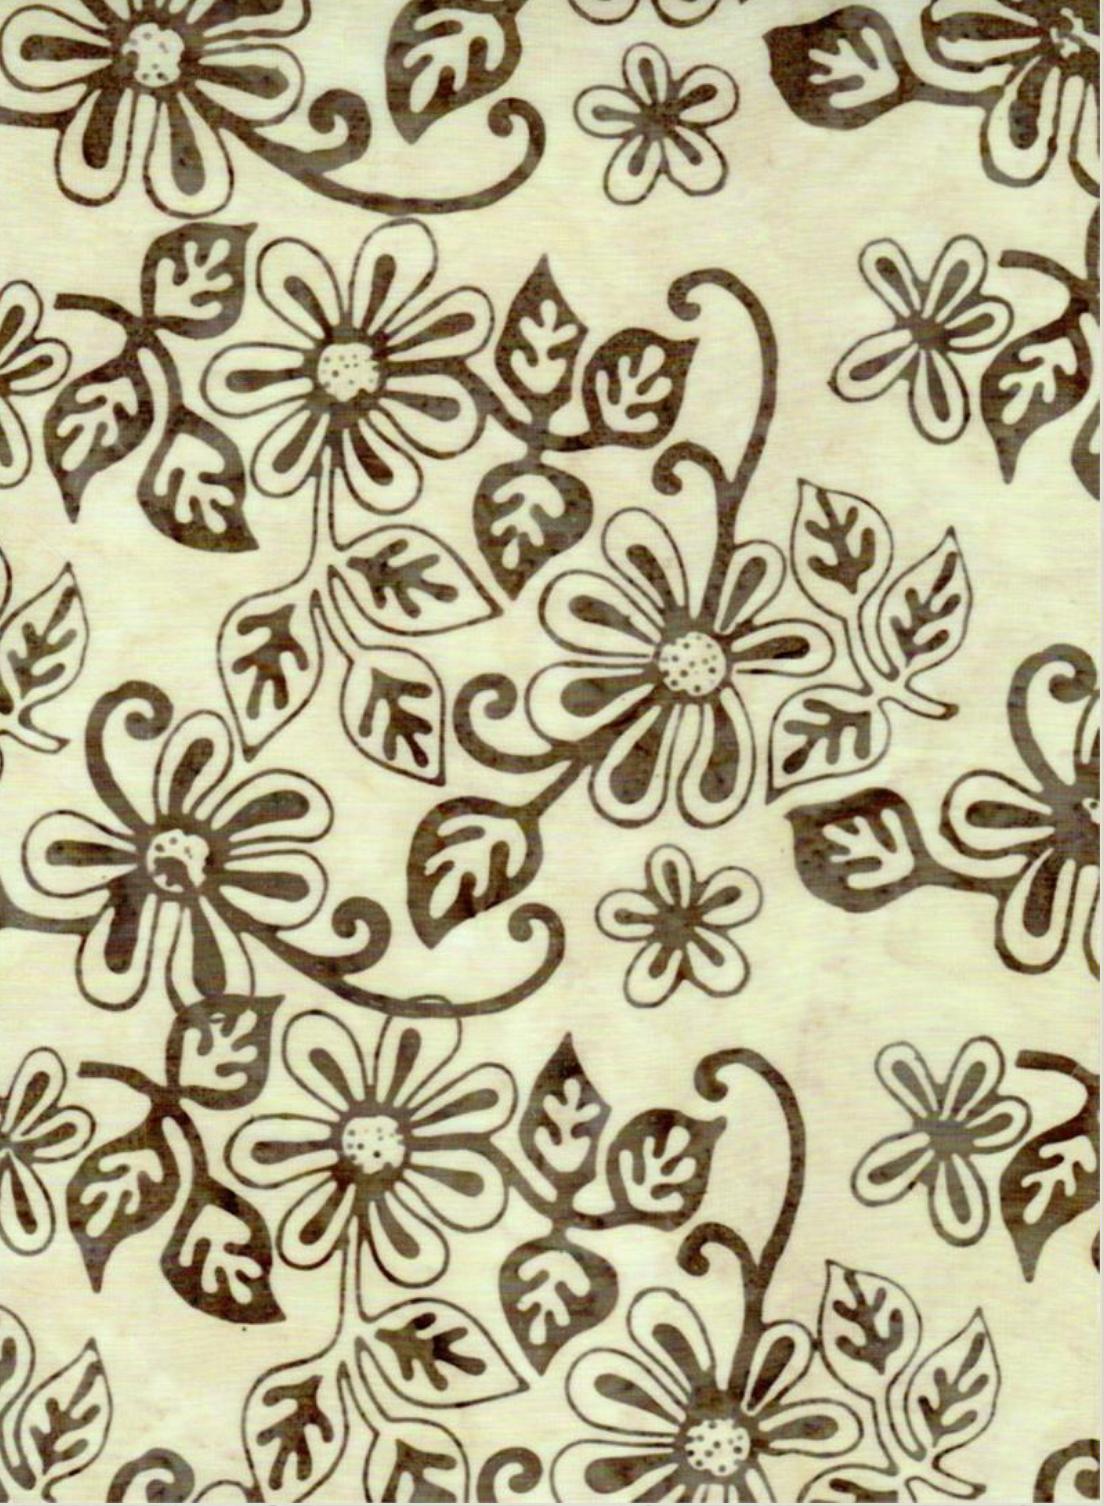 Batik Textiles - Mood Rings 3552